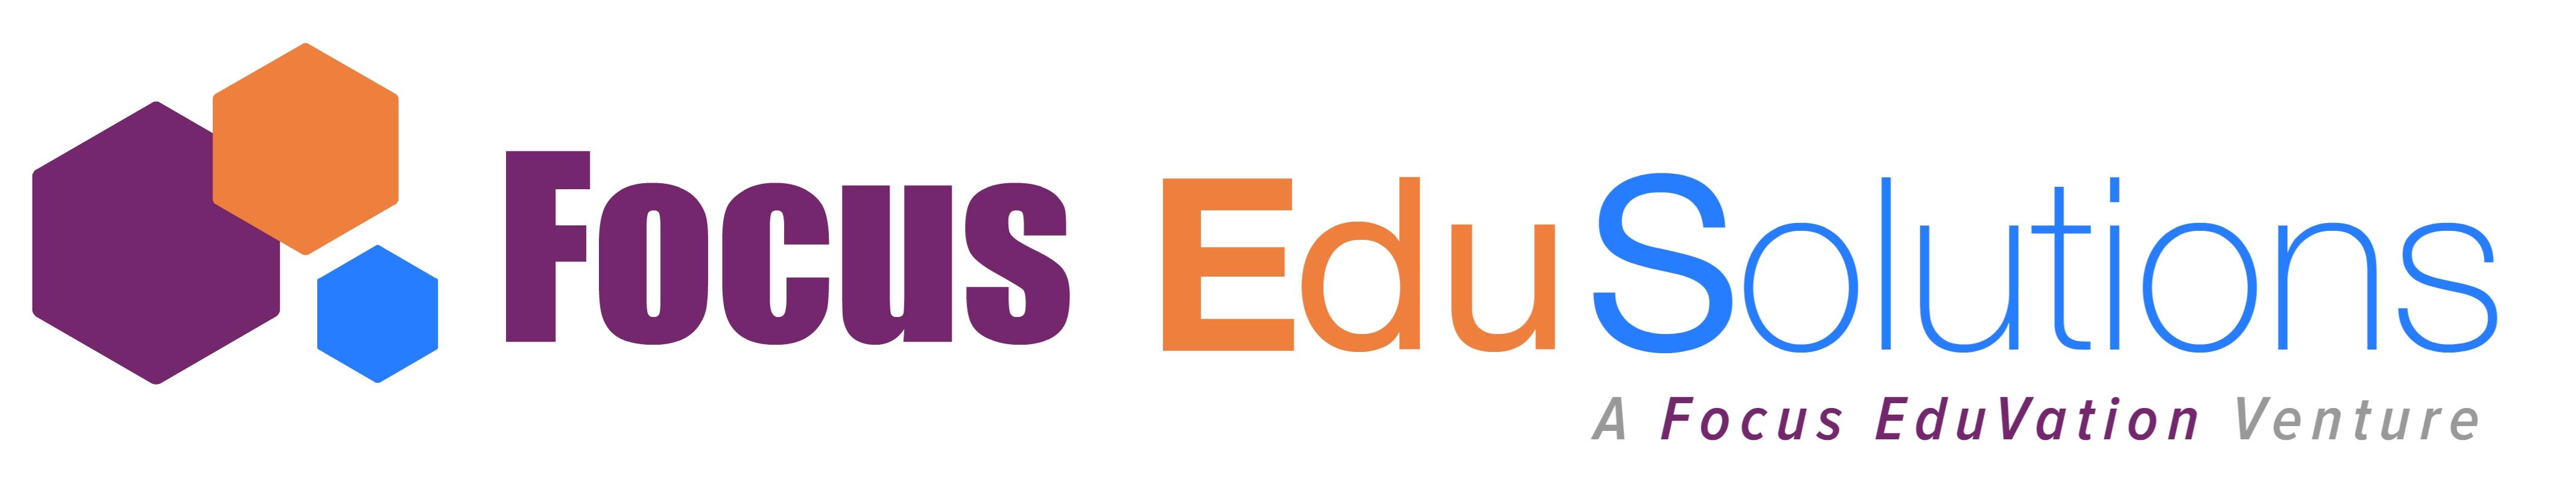 Focus EduSolutions